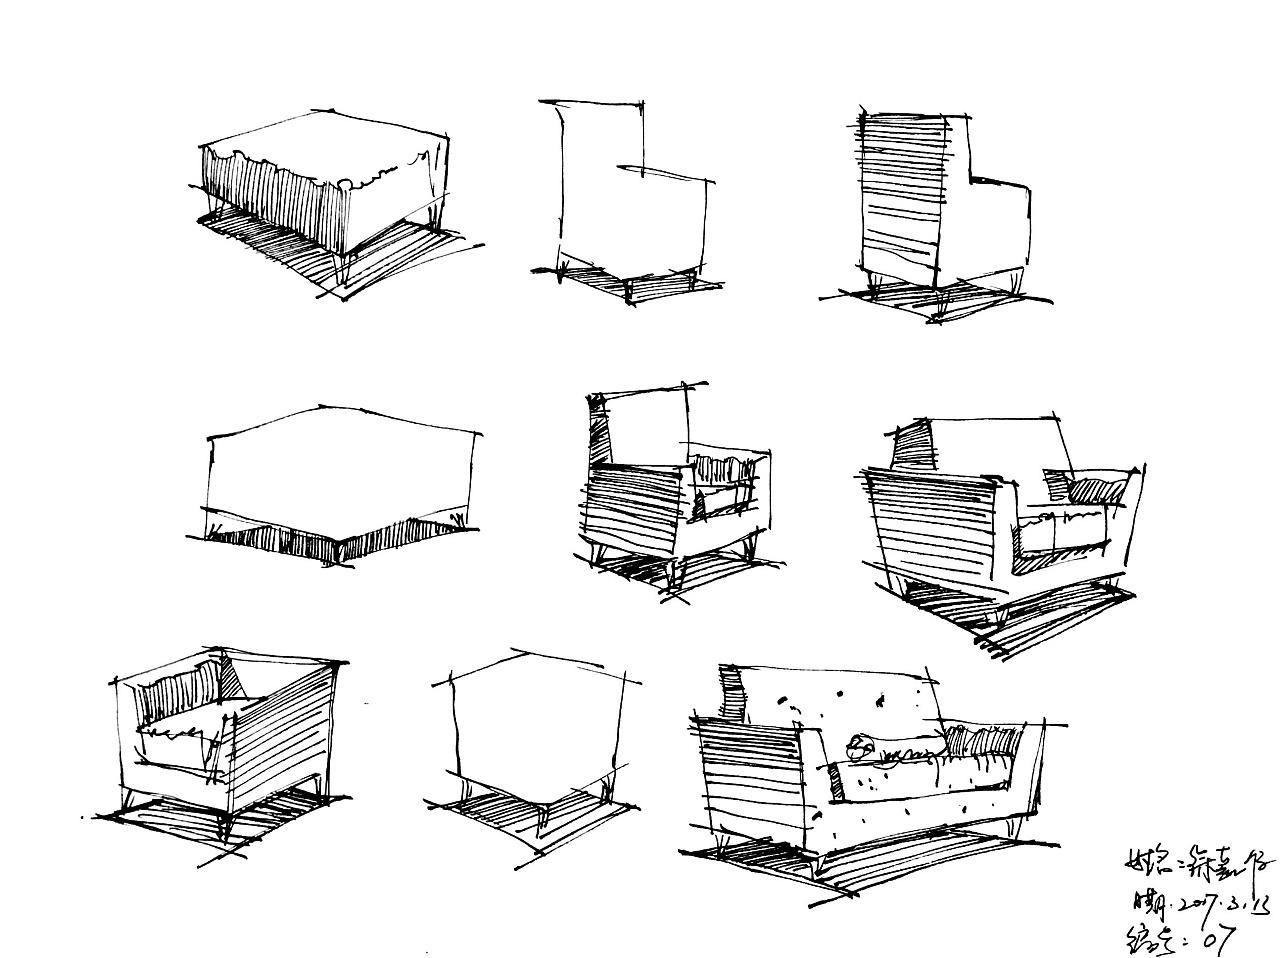 一些 手绘临摹或者写生 记录自己的设计之路